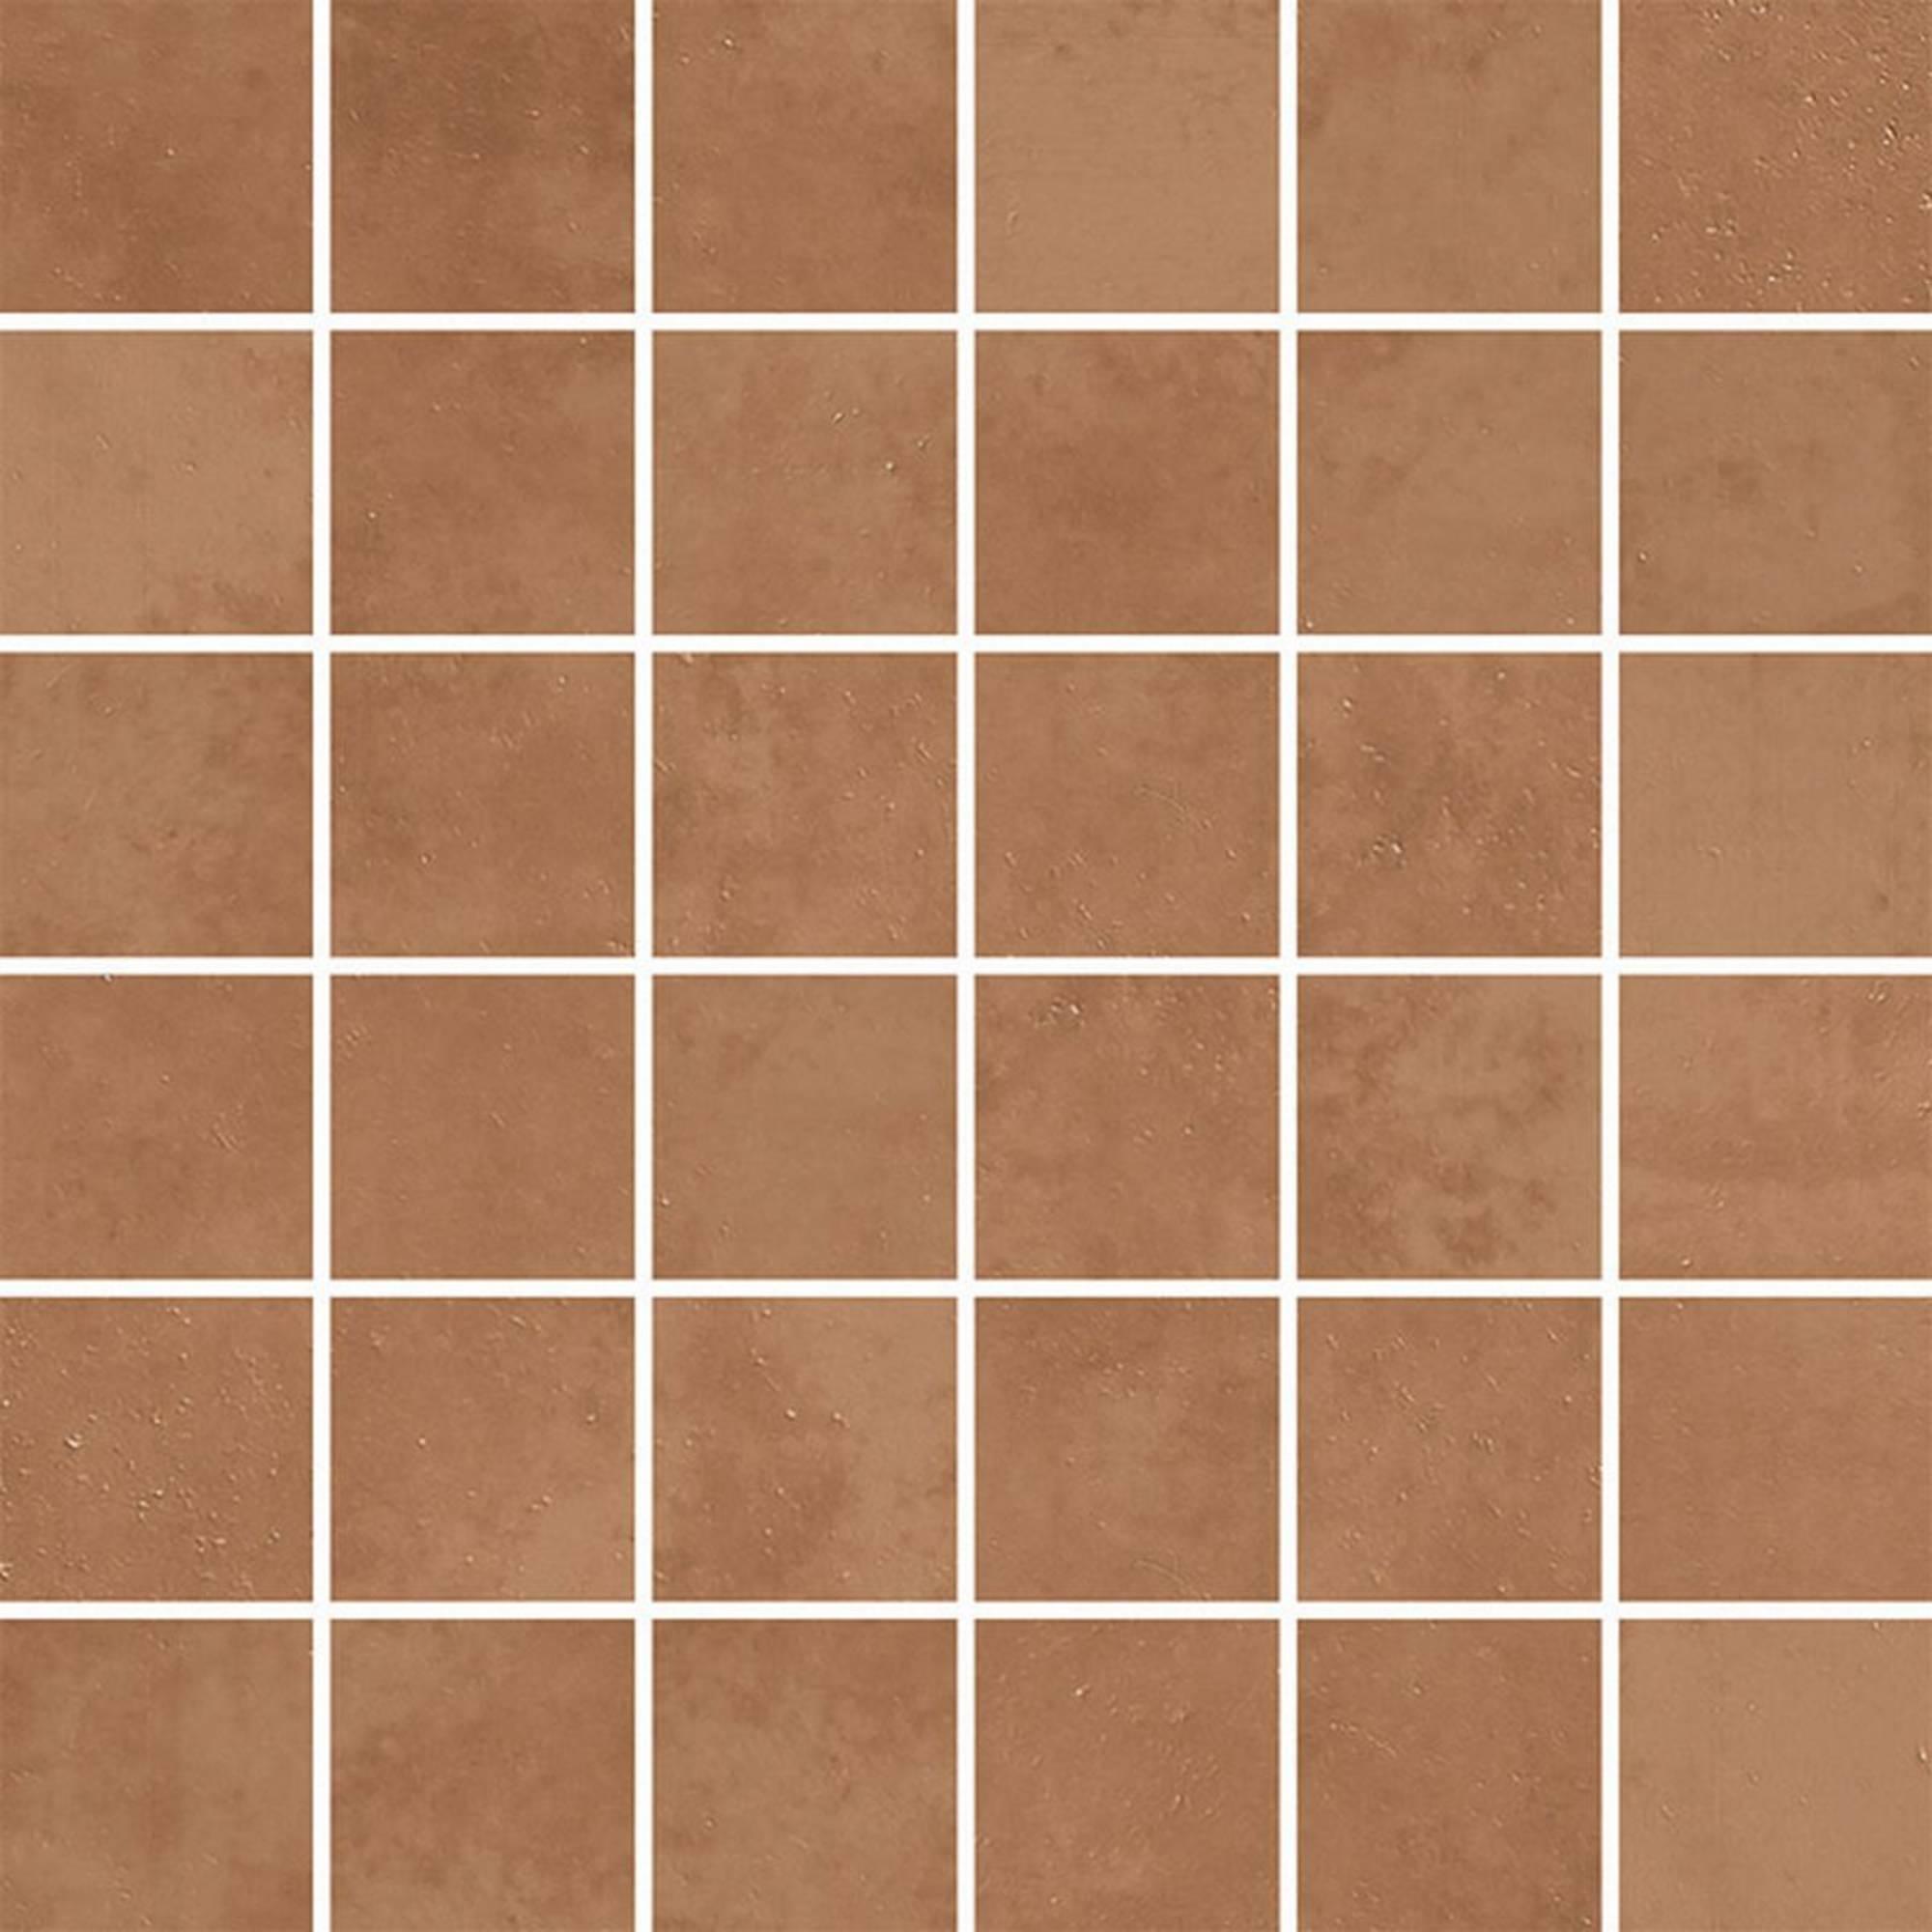 Villeroy & boch Century unlimited tegelmat 30 x 30 cm. blok 5 x 5 cm. a 11 stuks, cotto